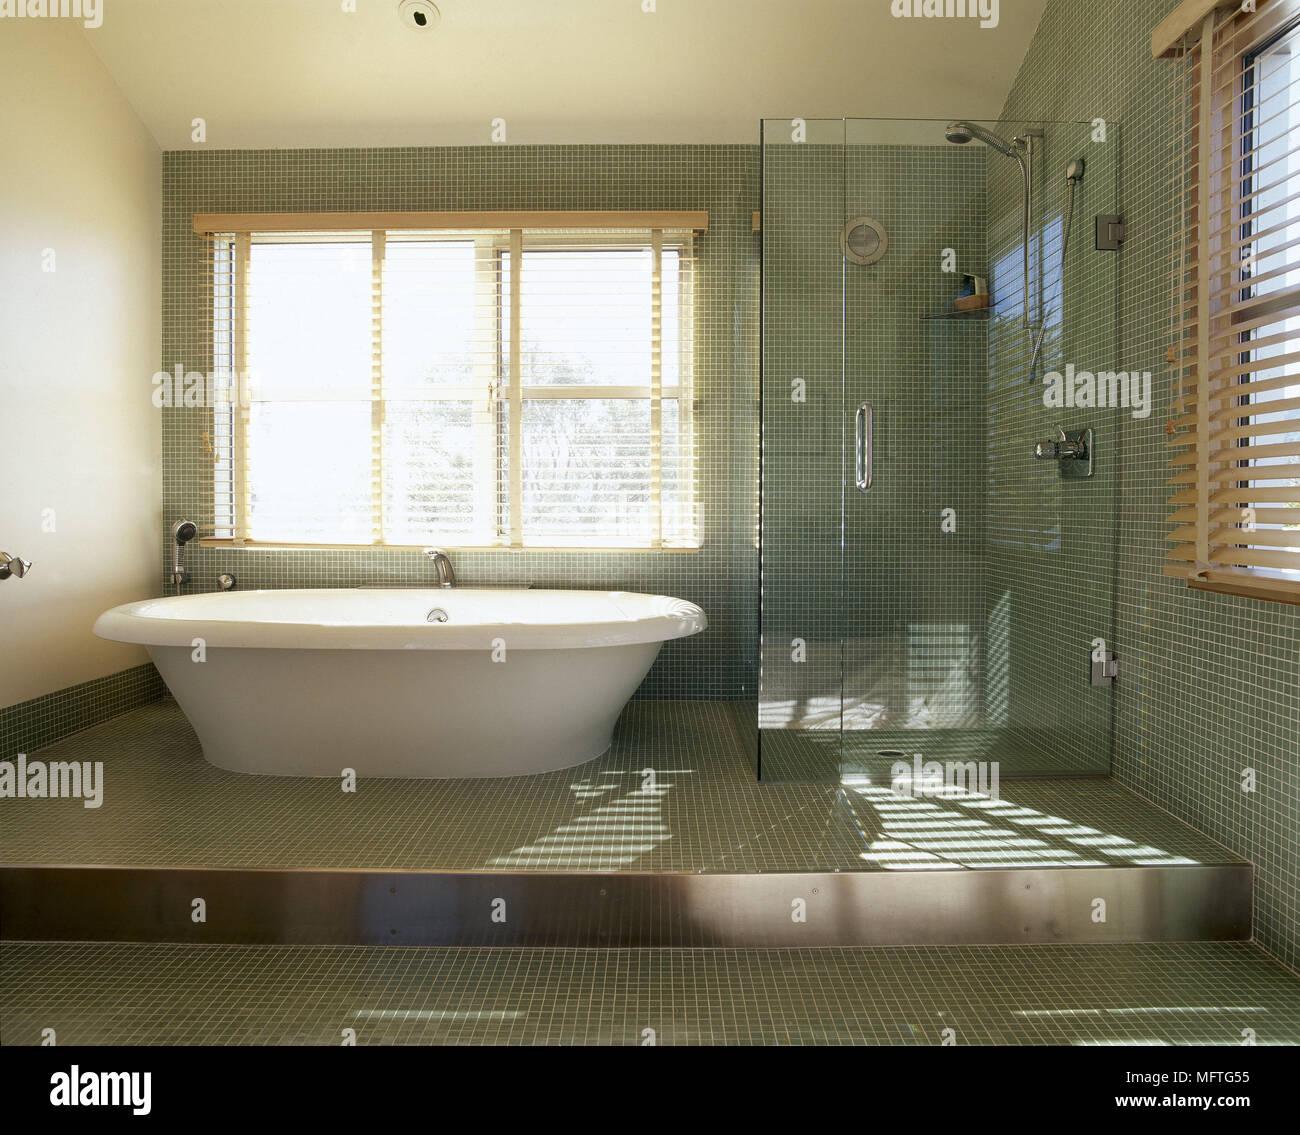 Bagno moderno free standing bagno rivestito di piastrelle a mosaico ...